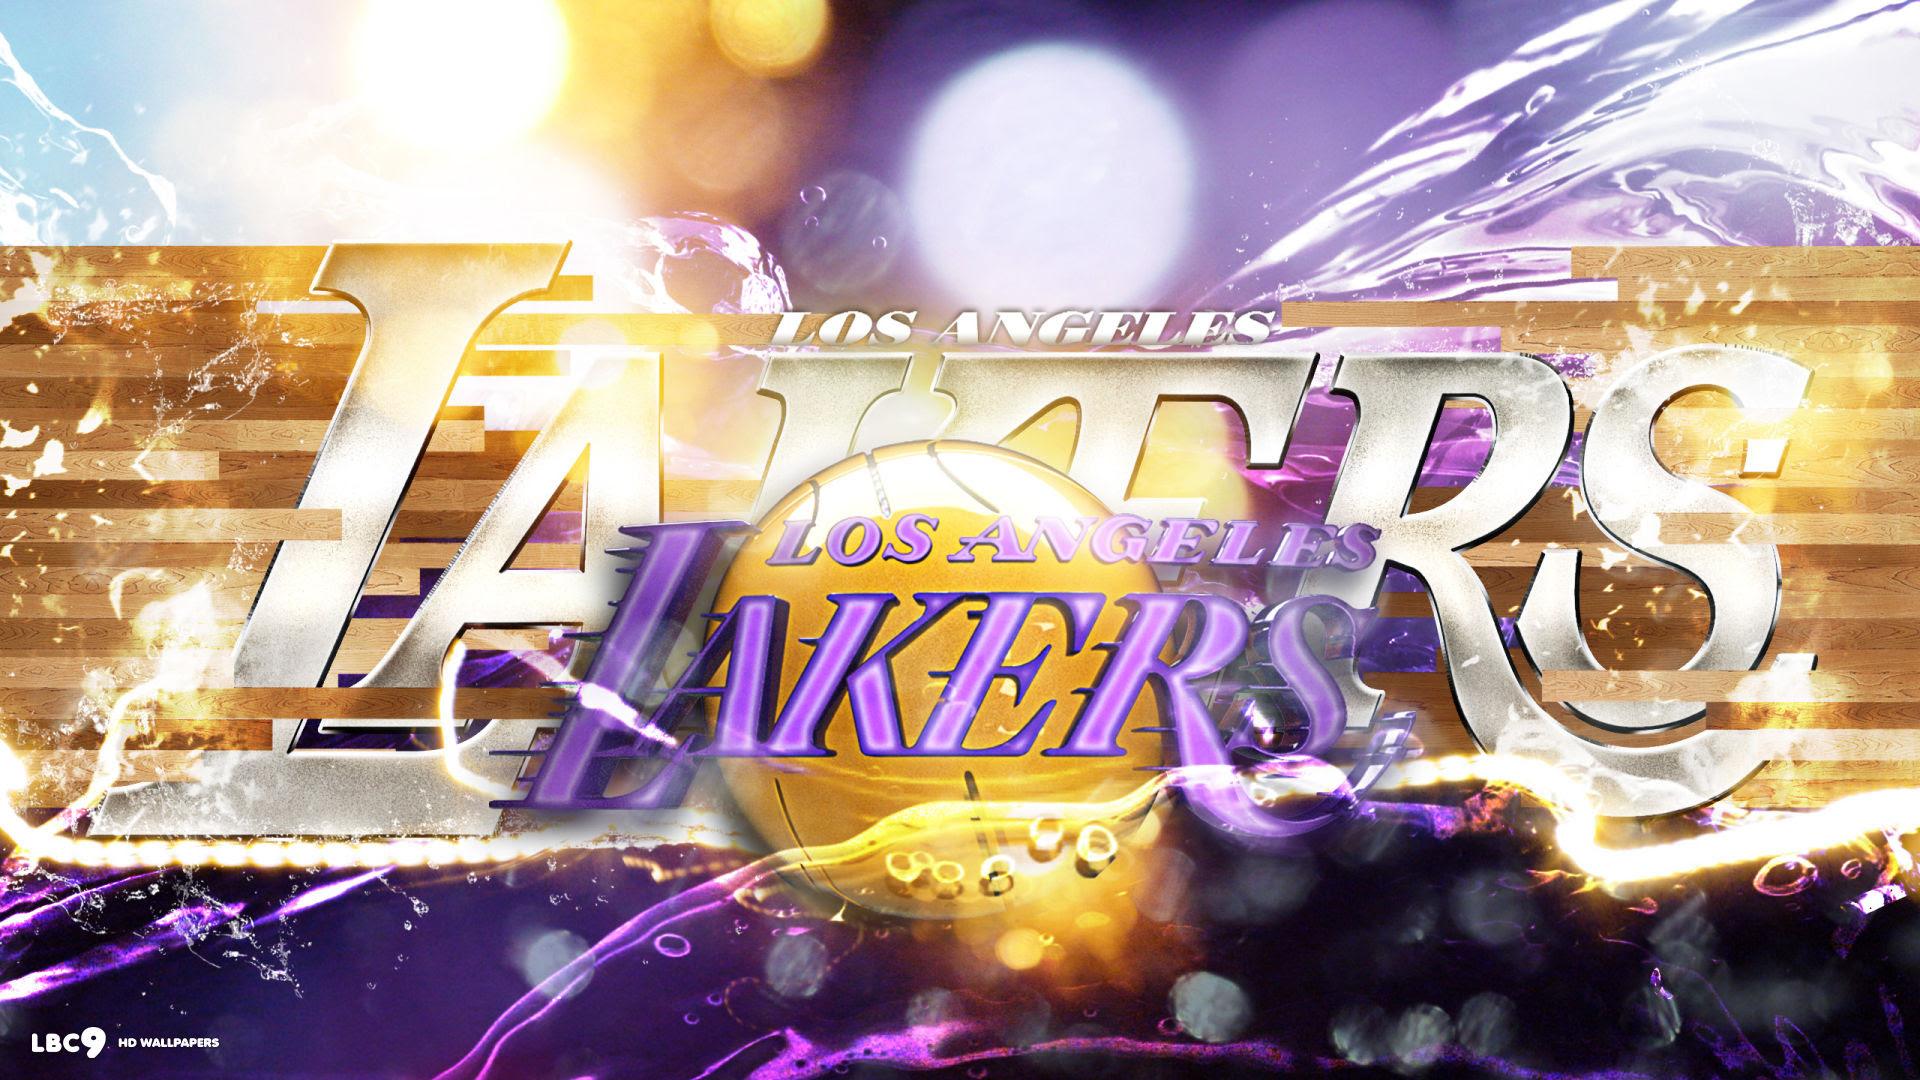 Hoopswallpapers Los Angeles Lakers Iphone Wallpaper Team Pride